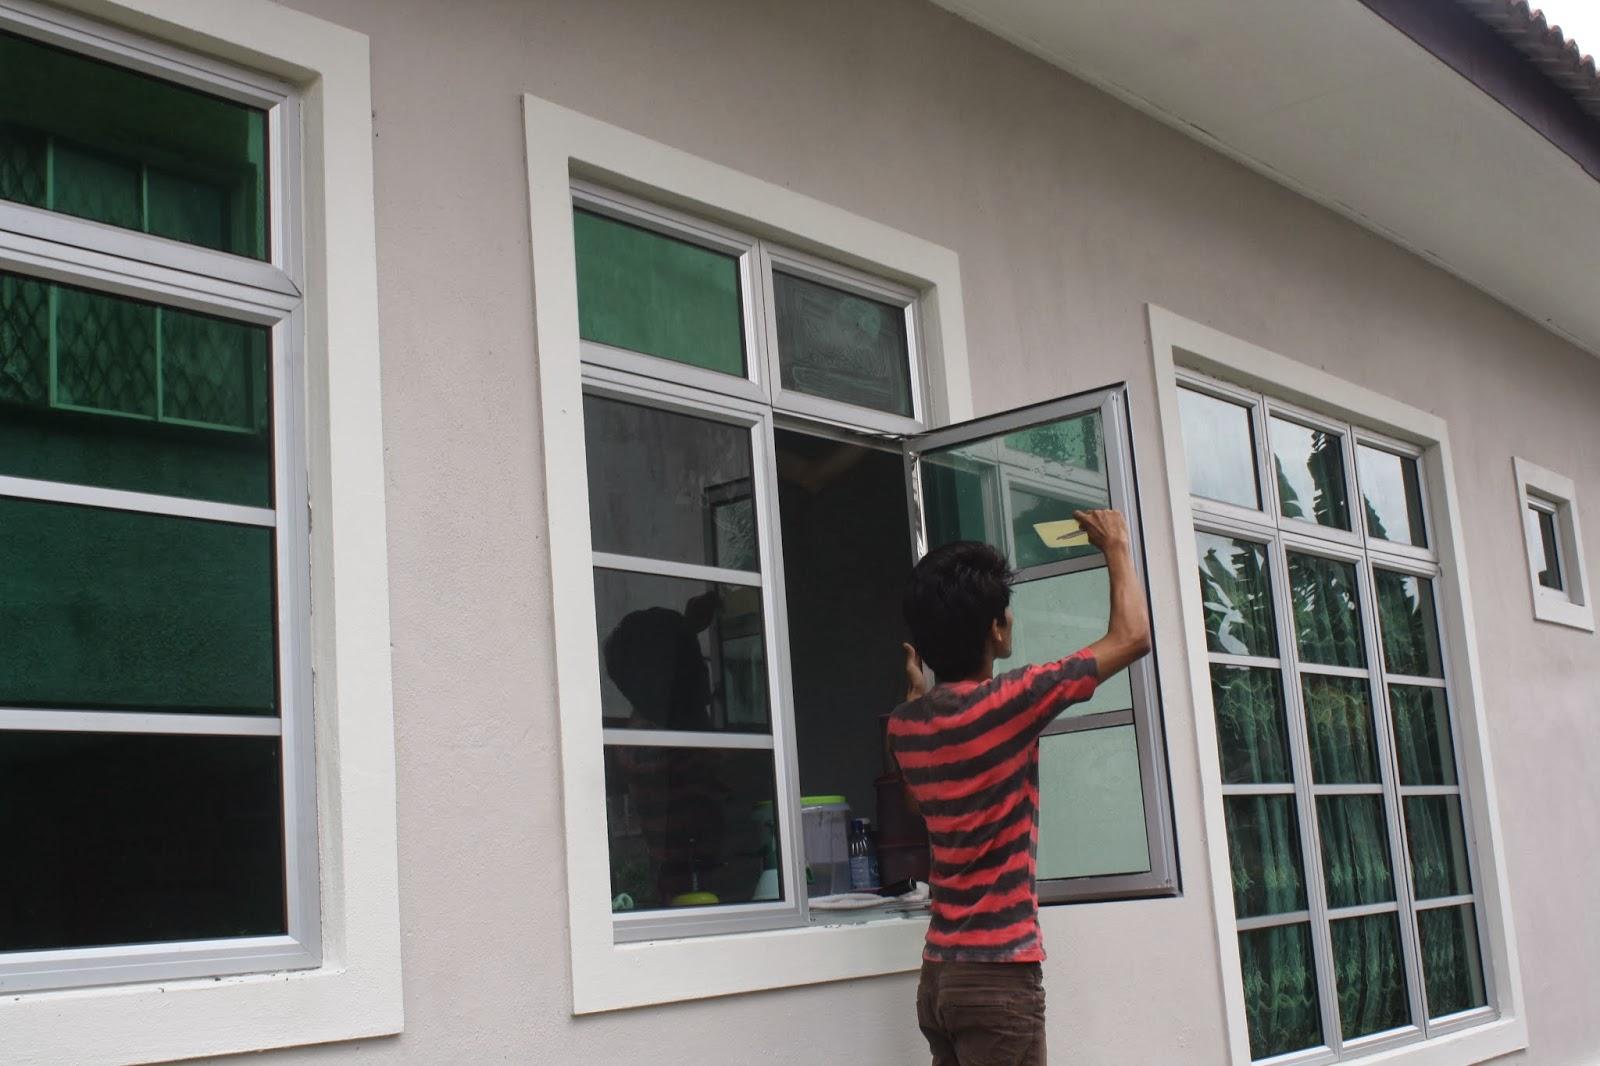 Tinted Cermin Tingkap Rumah Office Anda 1 Wallpaper Photo Mural